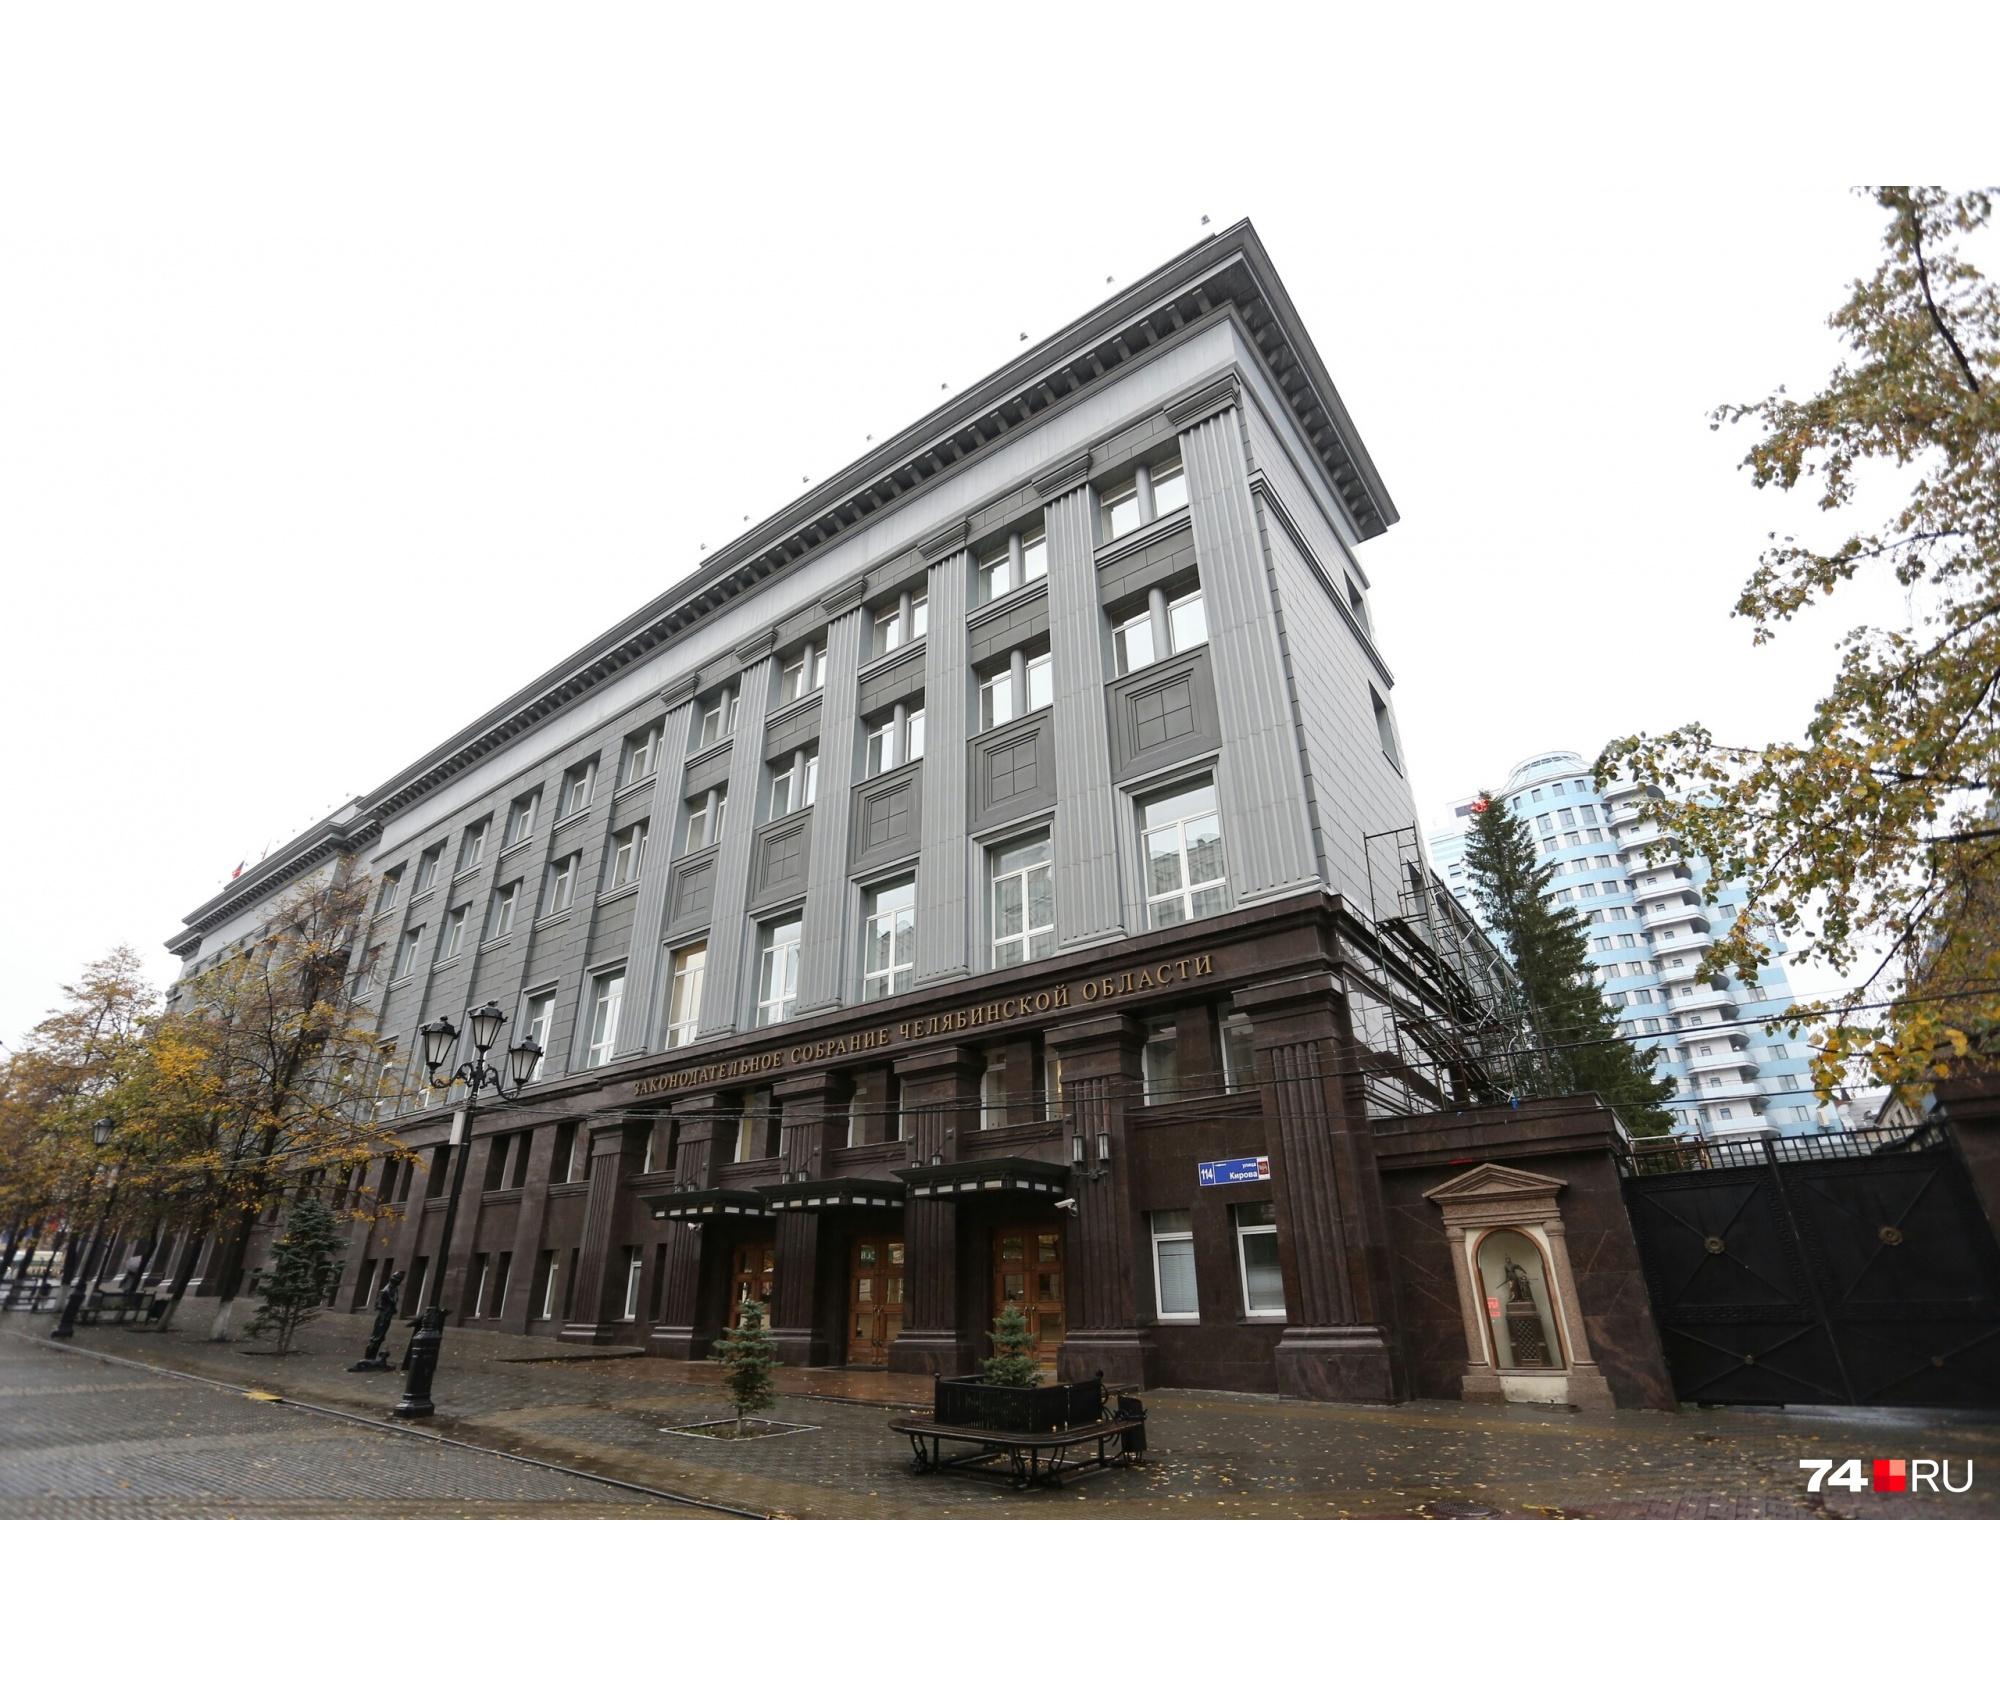 законодательное собрание челябинской области фото между